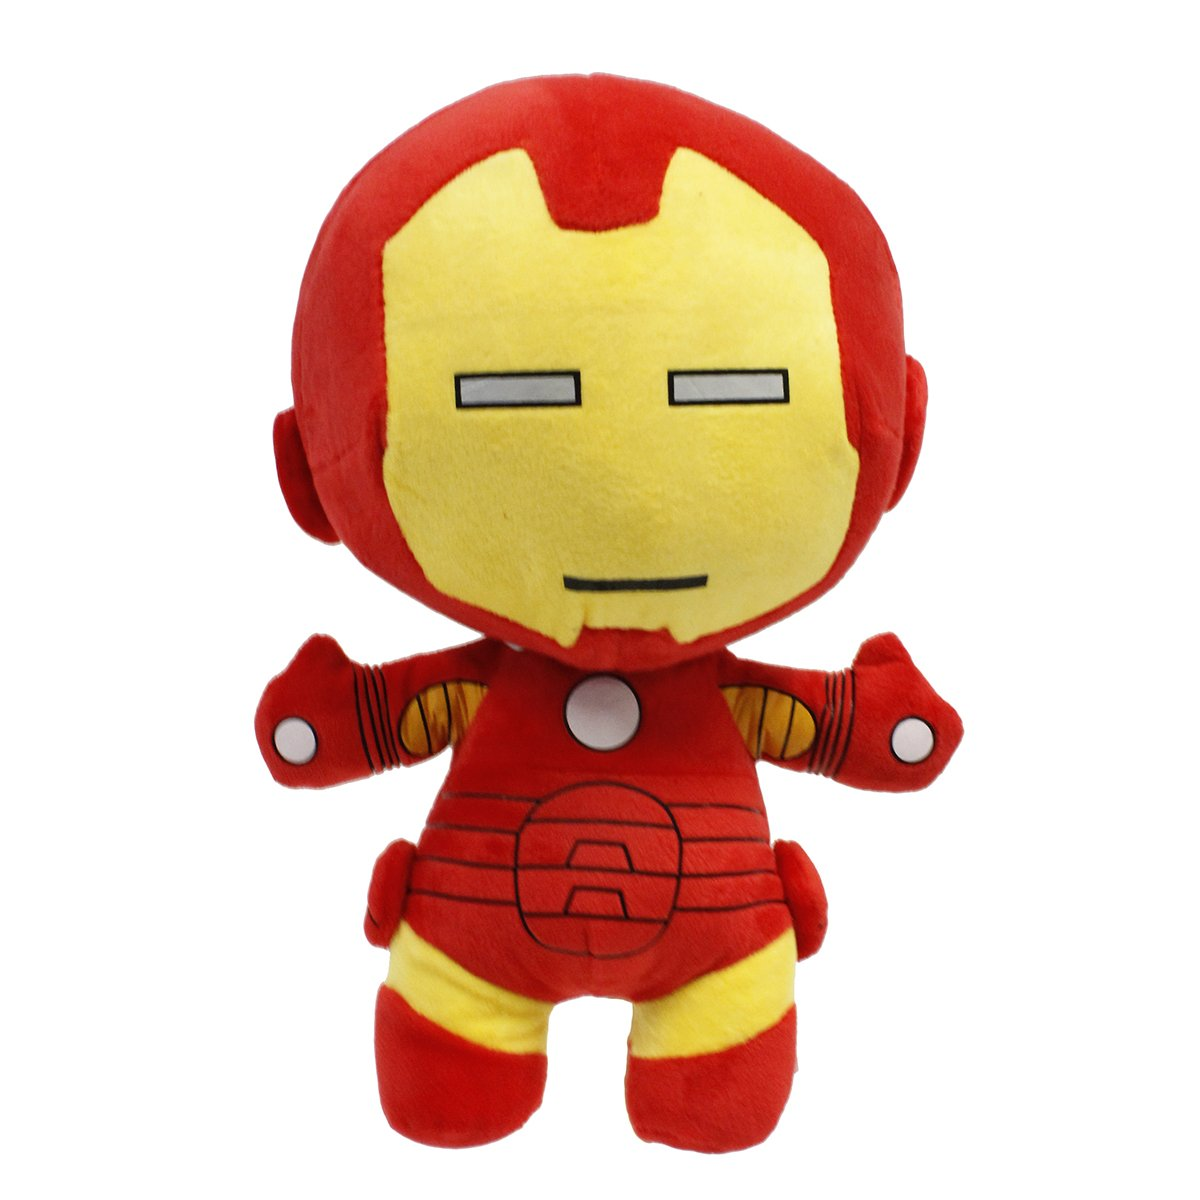 7dcc98d007c Peluche Iron Man Avengers